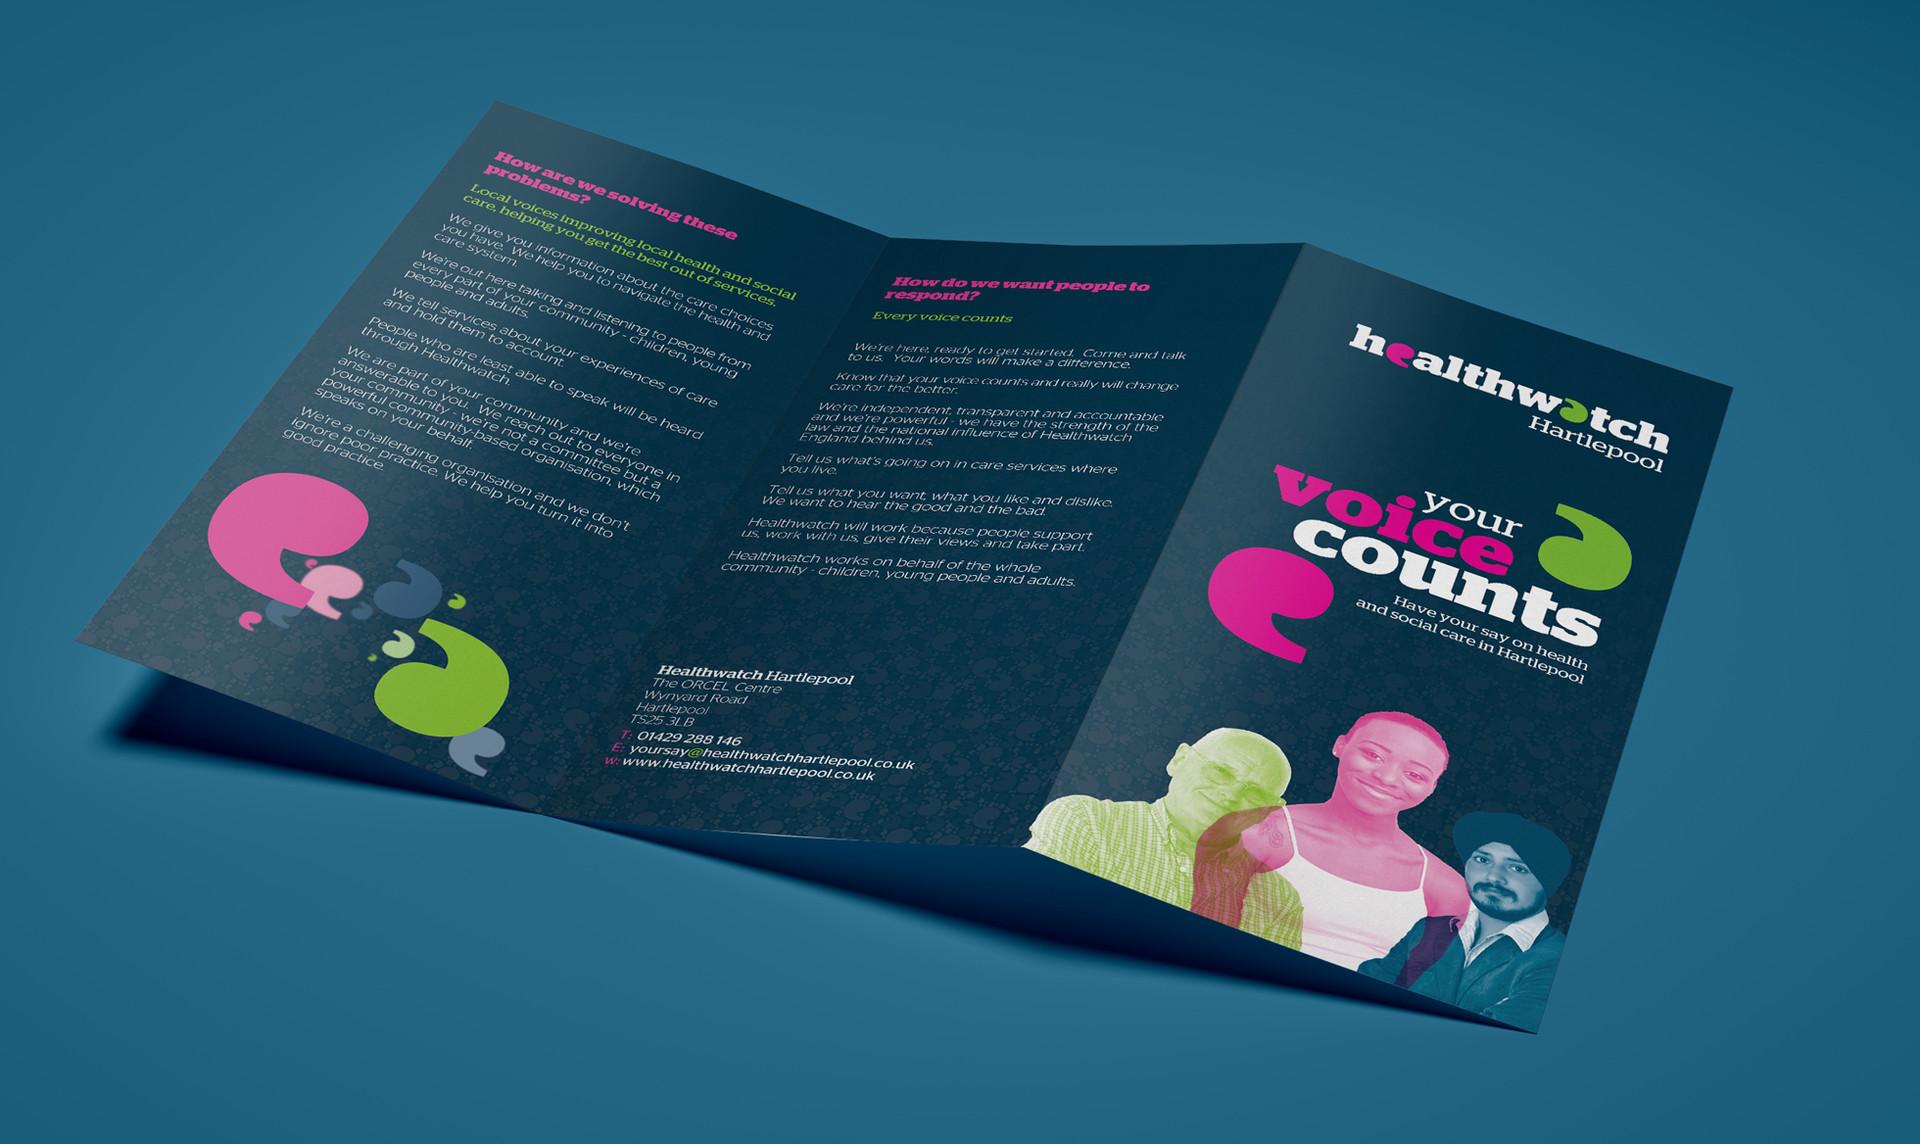 Healthwatch Leaflet Design